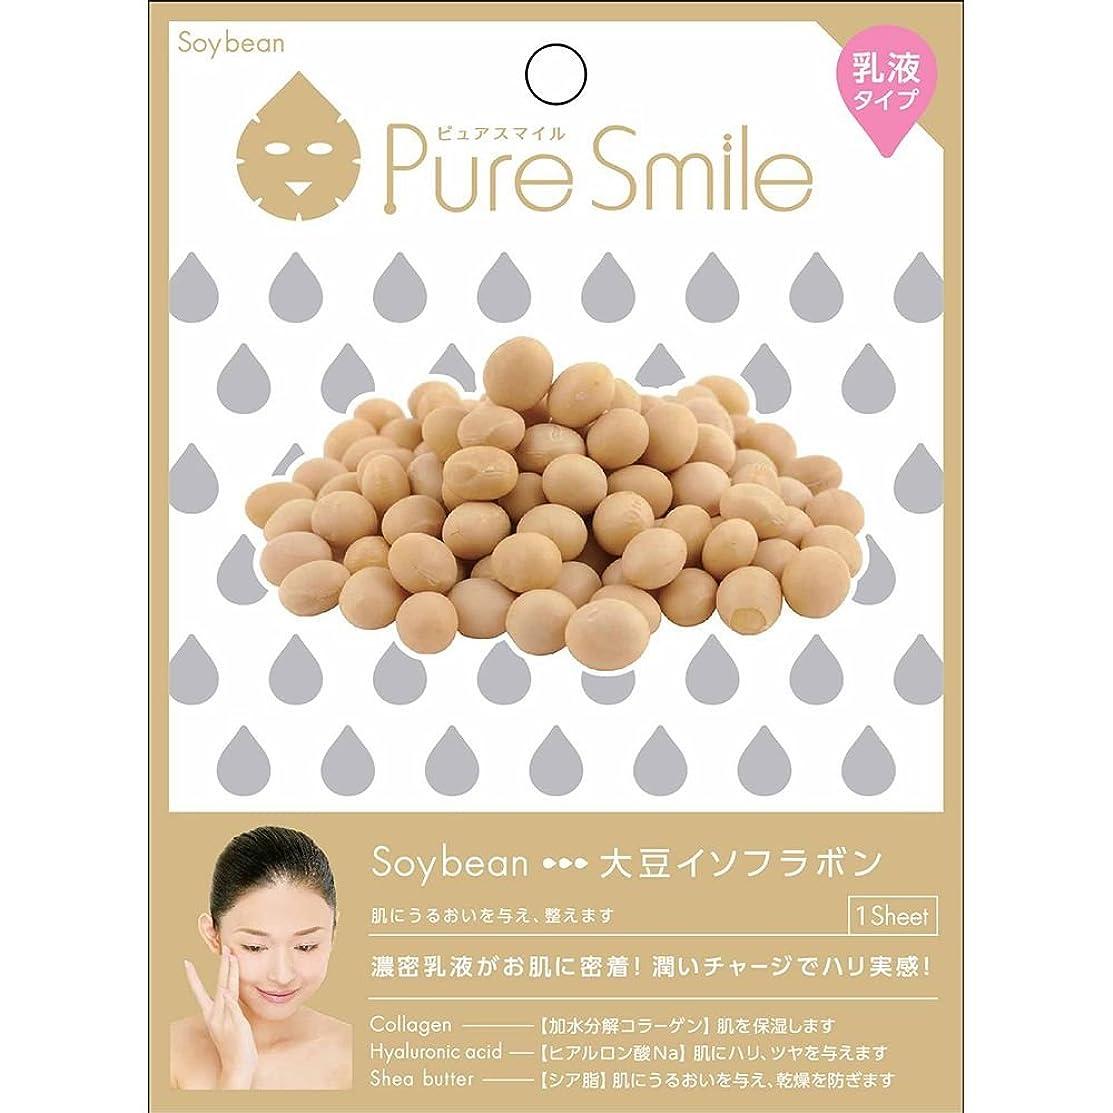 目立つ対話不可能なPure Smile(ピュアスマイル) 乳液エッセンスマスク 1 枚 大豆イソフラボン